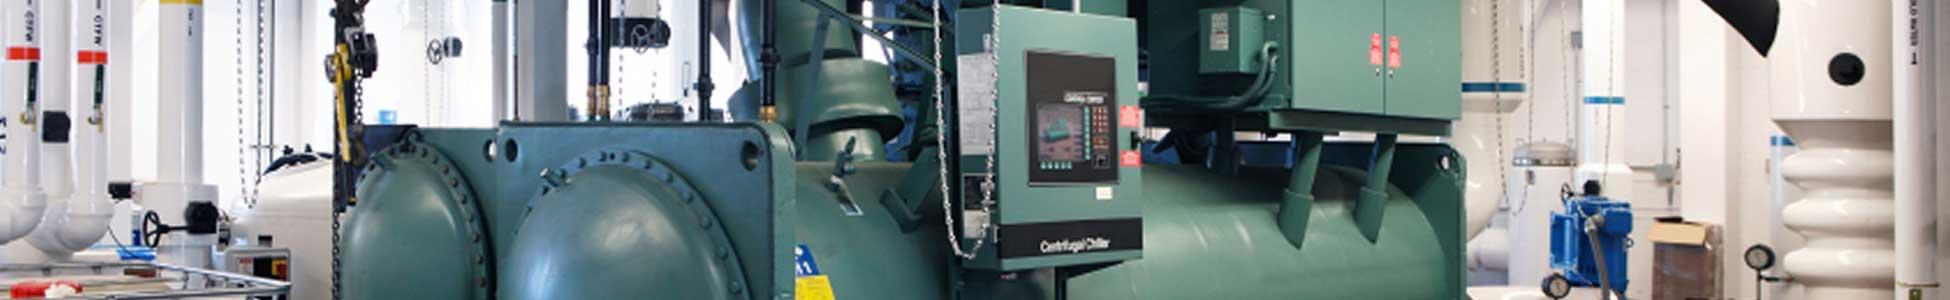 Delta Industrial Refrigeration